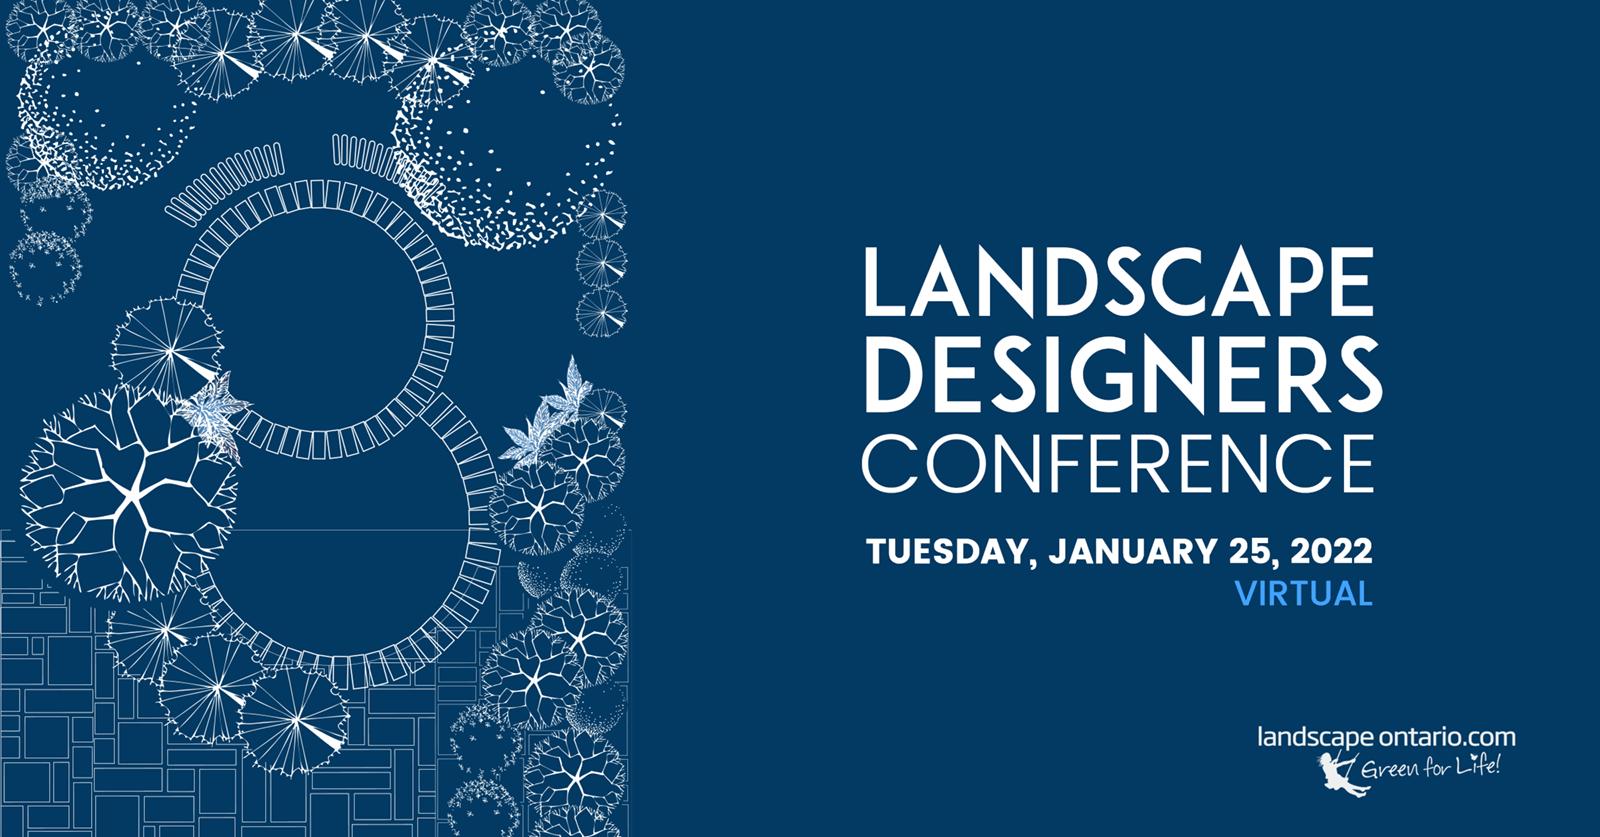 Landscape Designers Conference 2022